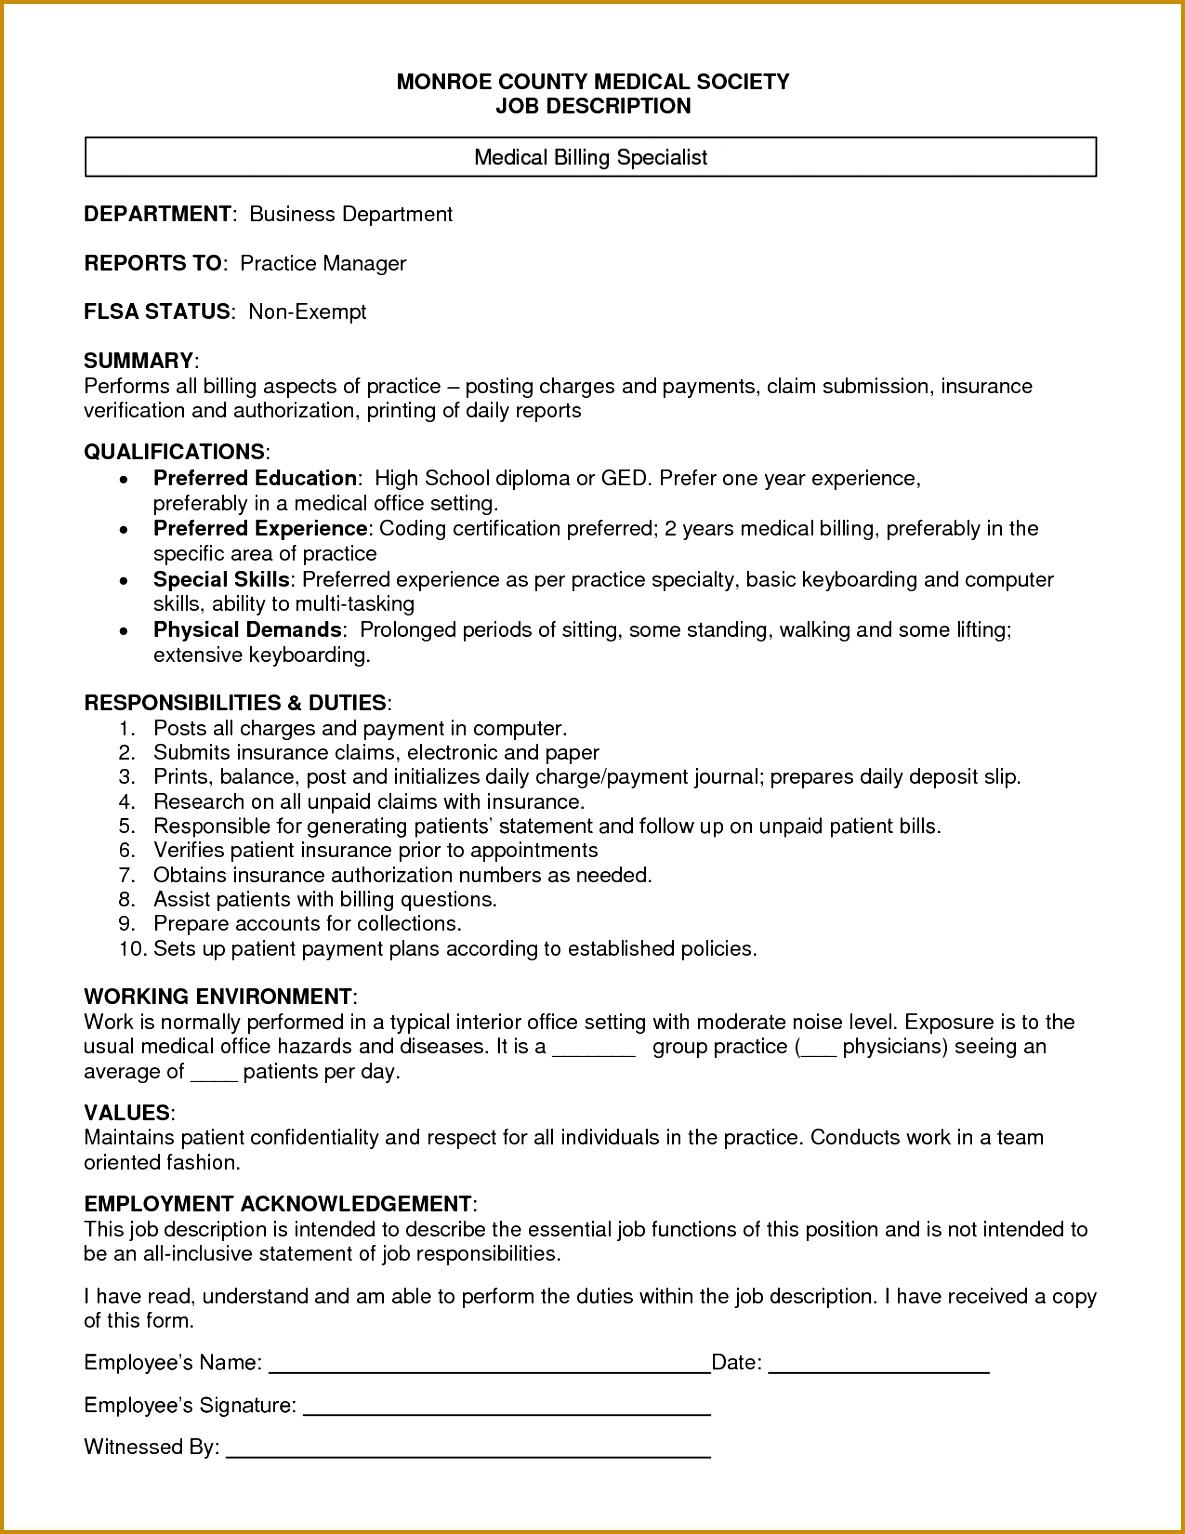 job description medical biller monroe country medical society job description 15341185